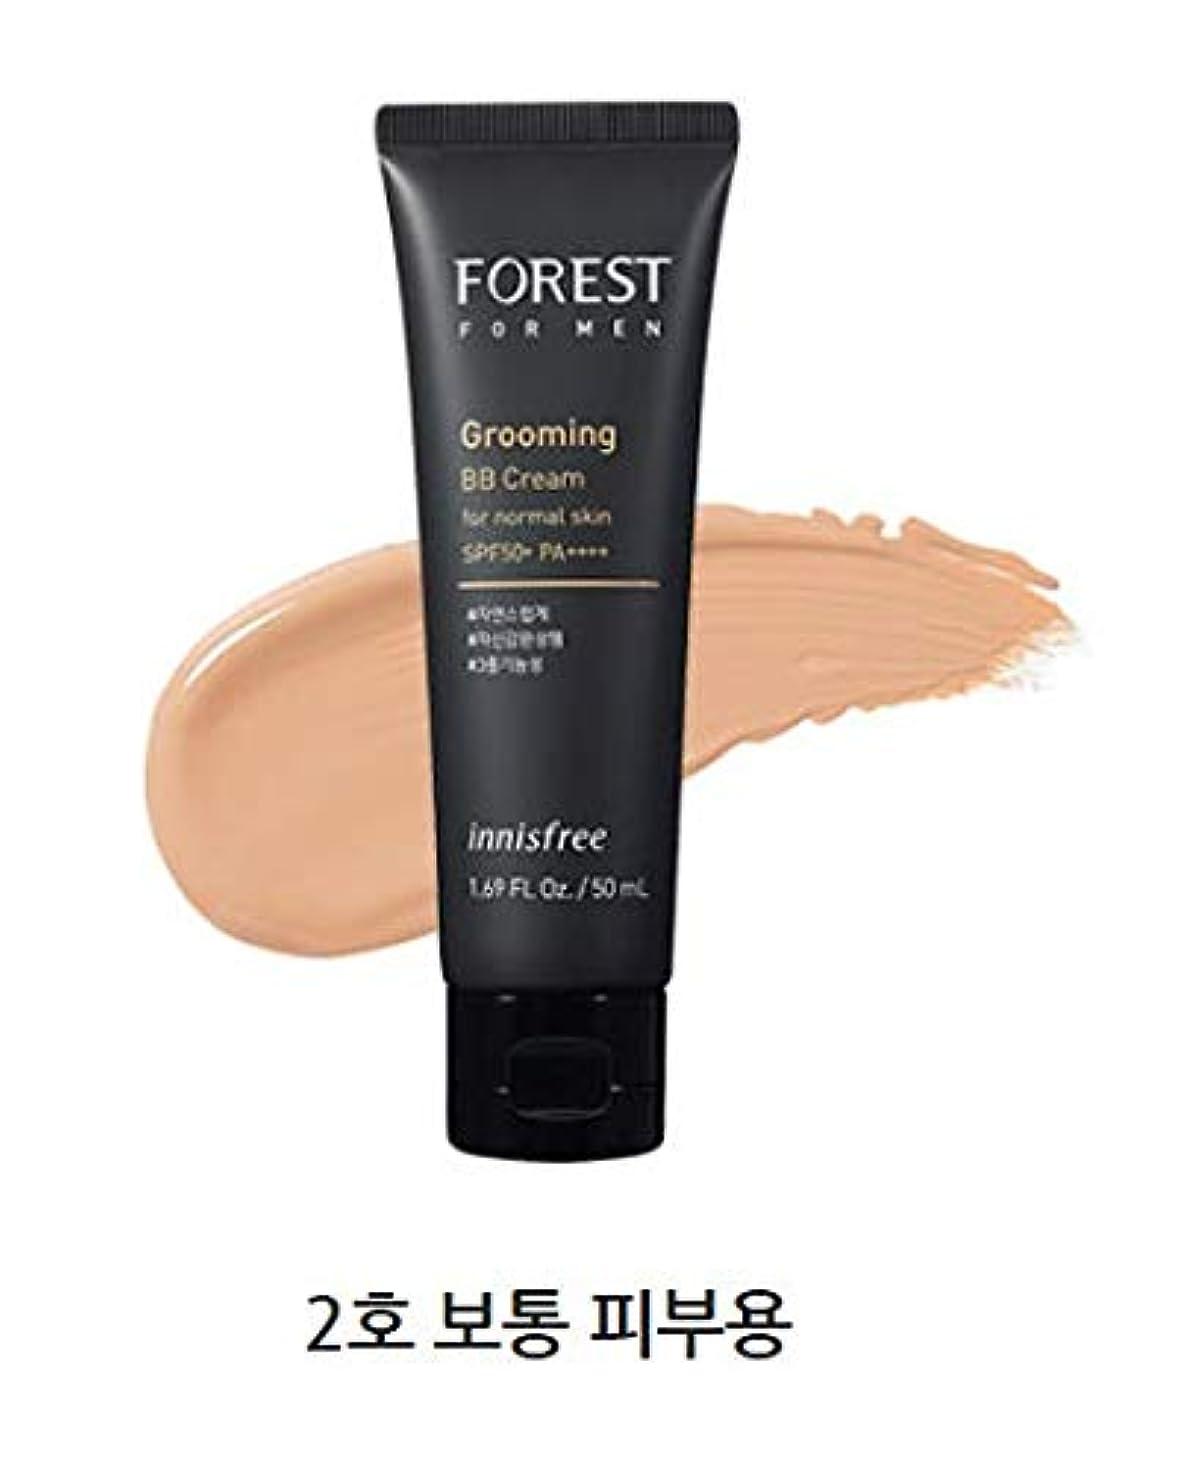 浸漬北極圏炭素[イニスフリー.innisfree]フォレストフォアマングルーミングBBクリームSPF50+ PA++++50mL/ FOREST FOR MEN GROOMING BB CREAM SPF50+ PA++++ (#2...